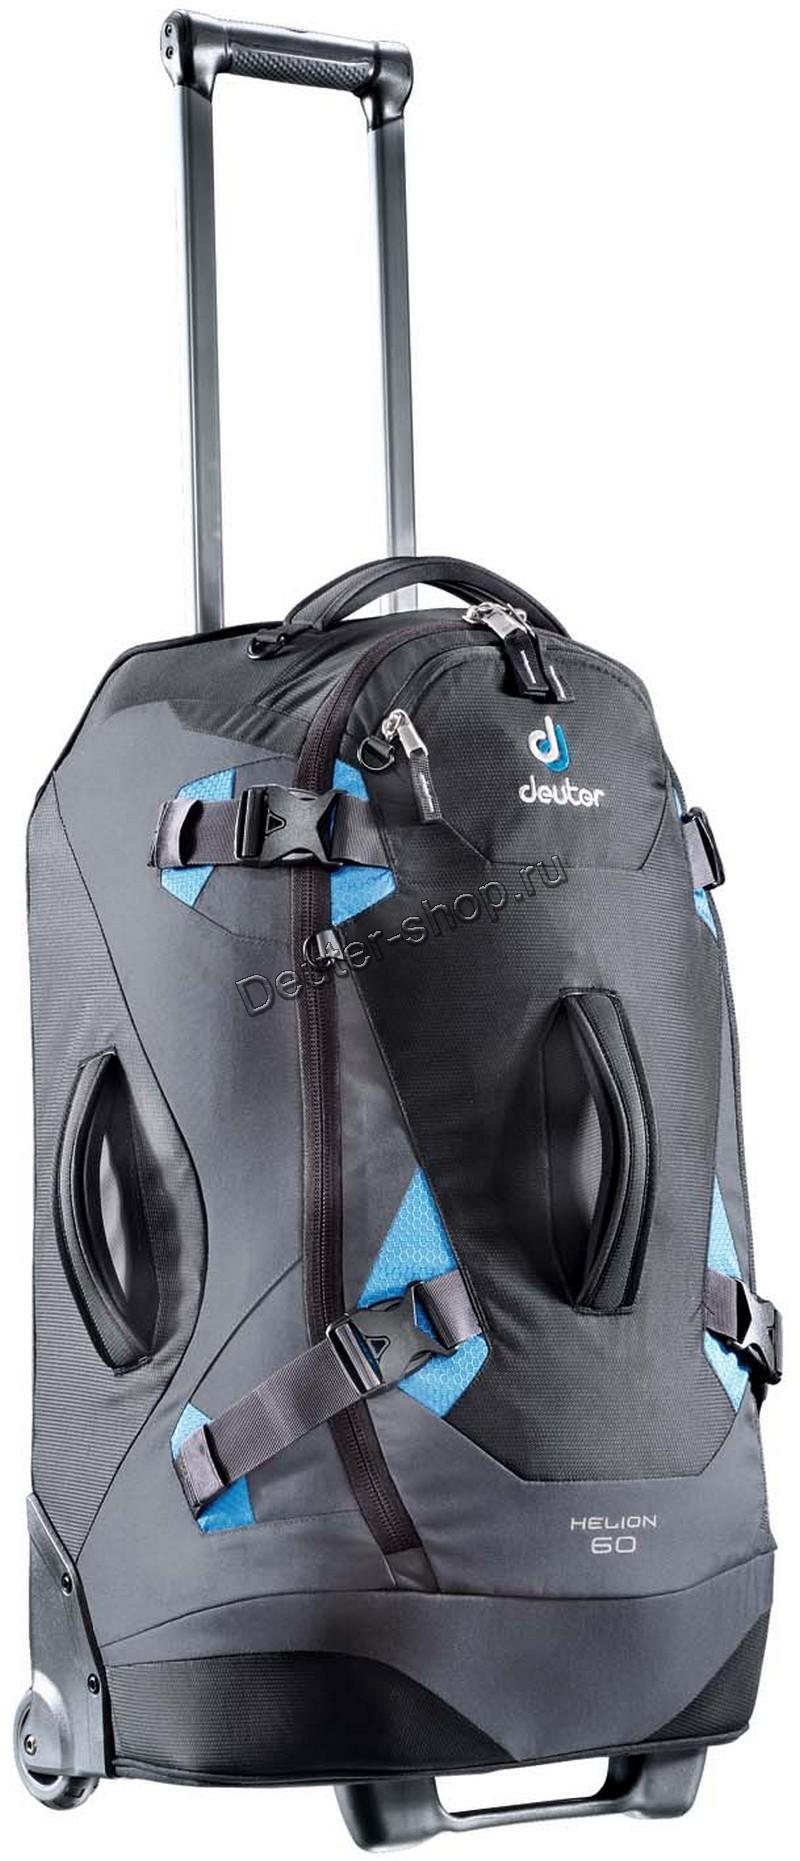 Сумка рюкзак на колесах deuter helion 60 школьные рюкзаки тайгер киев